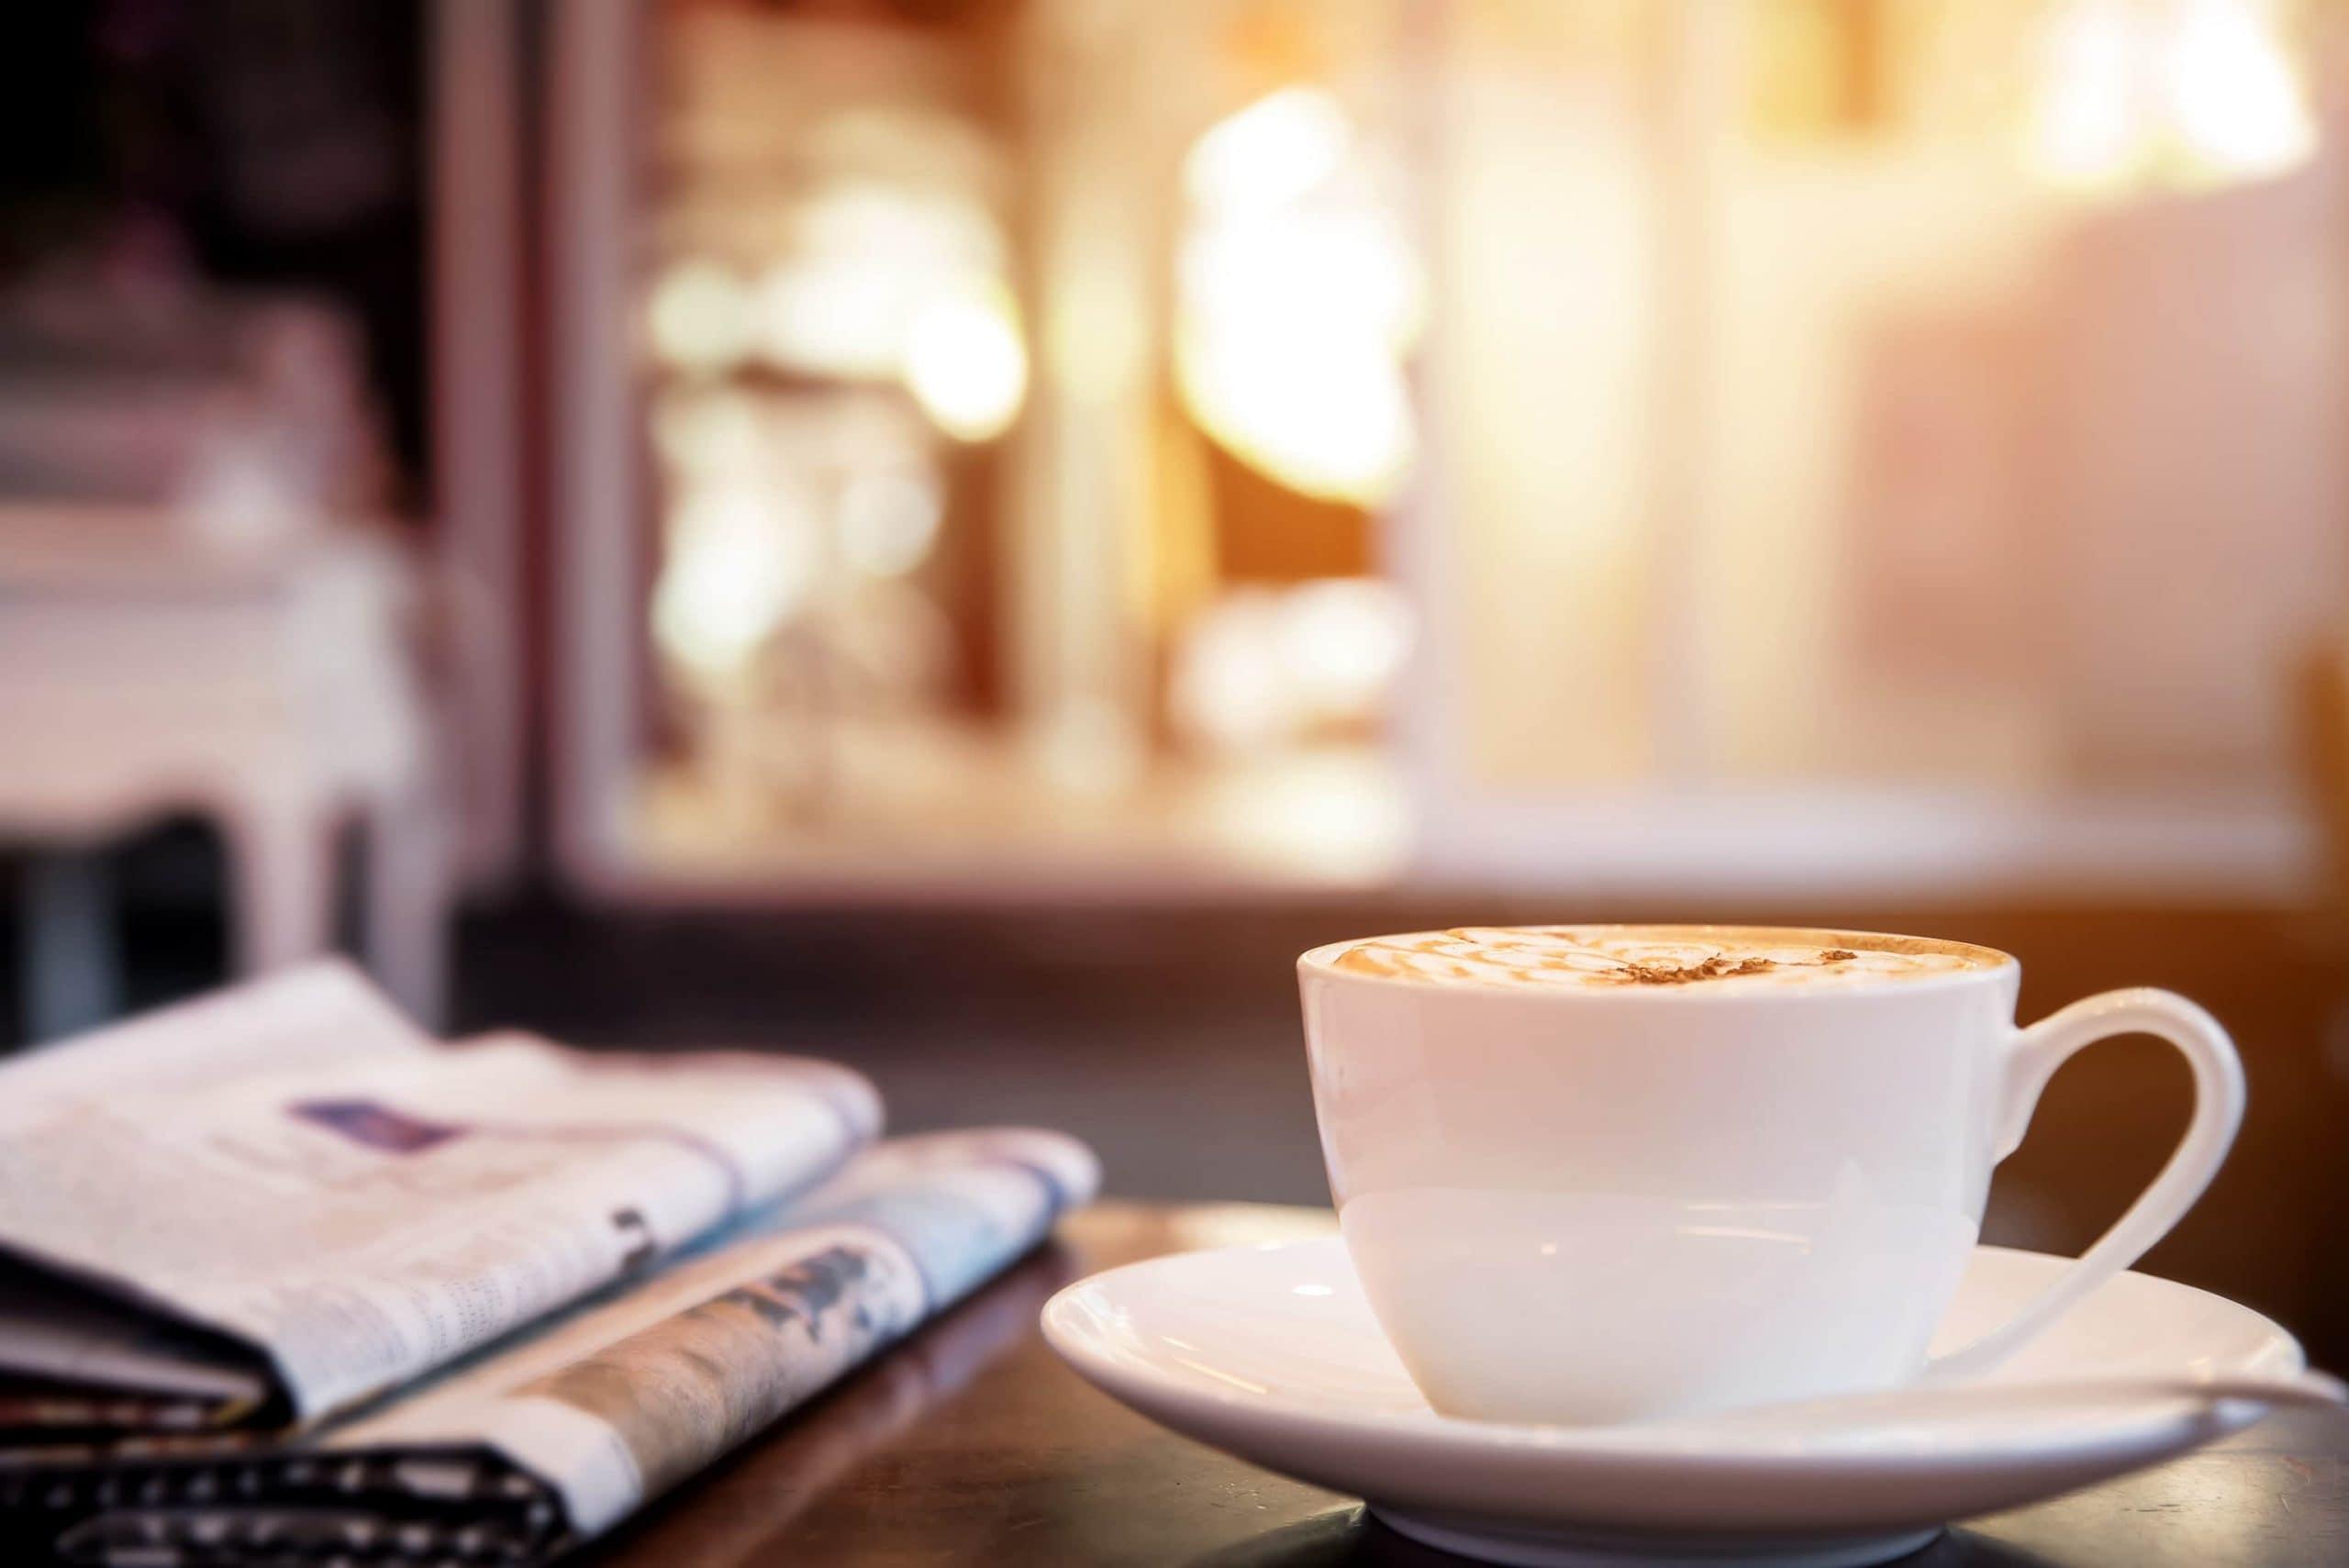 Capucciono-Tasse steht neben zwei Zeitungen auf einem Tisch. Dahinter ist ein geöffnetes Fesnter.